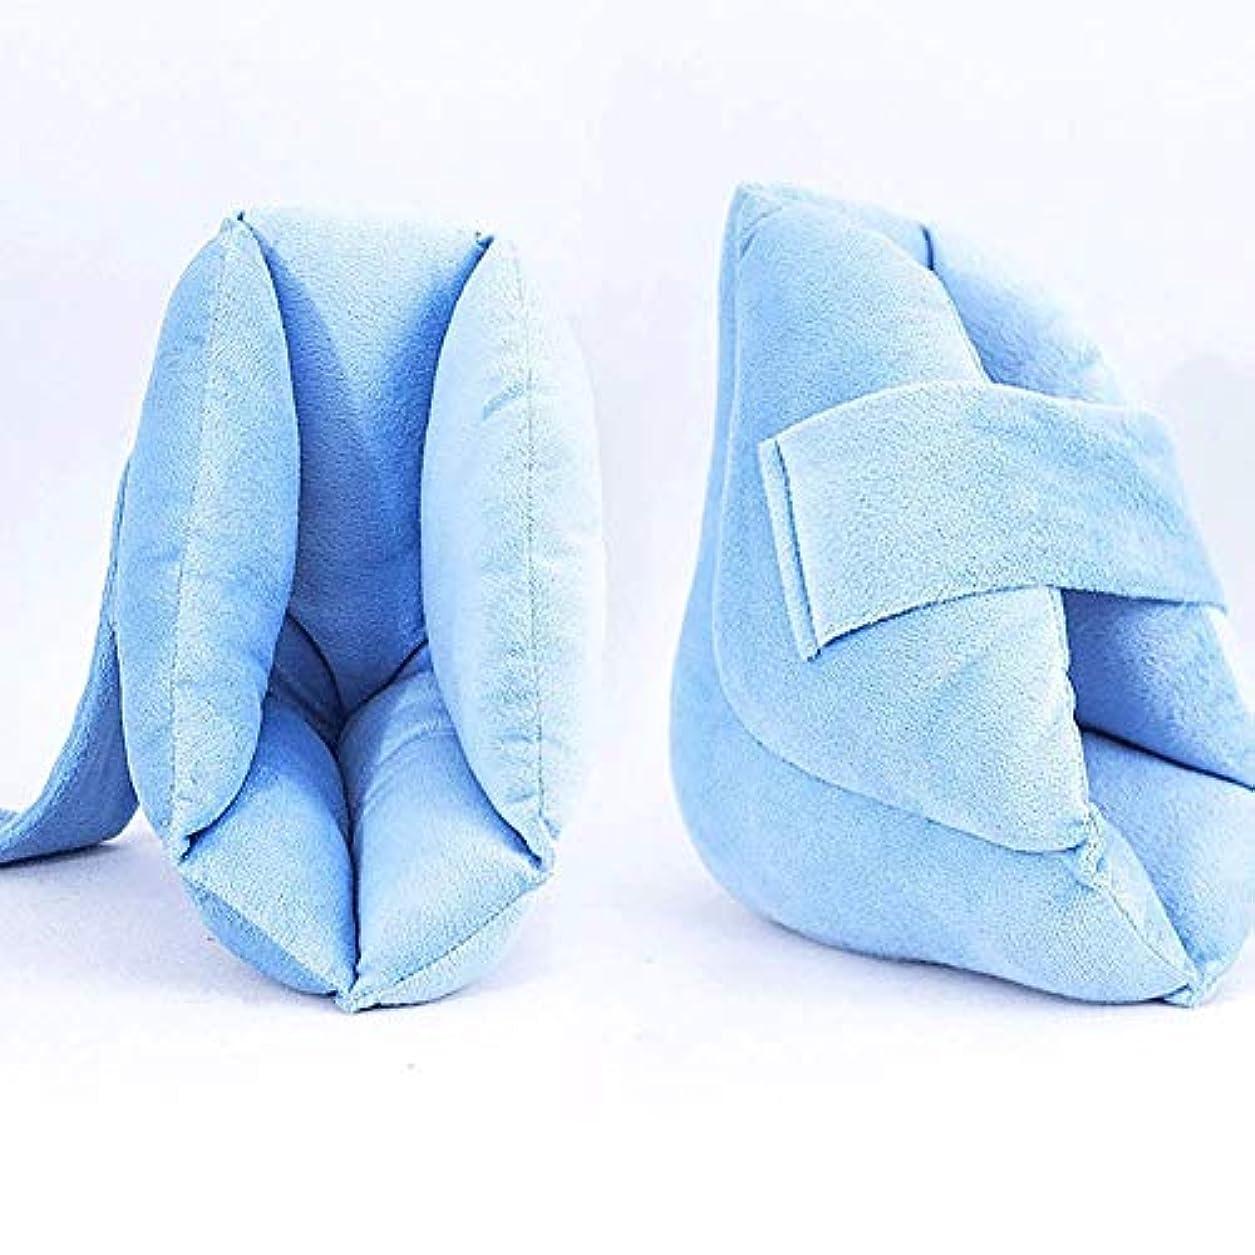 合法ポイント保険足枕かかとクッションプロテクター-Pressure瘡とかかと潰瘍の救済 高弾性スポンジ充填、ライトブルー-1ペア